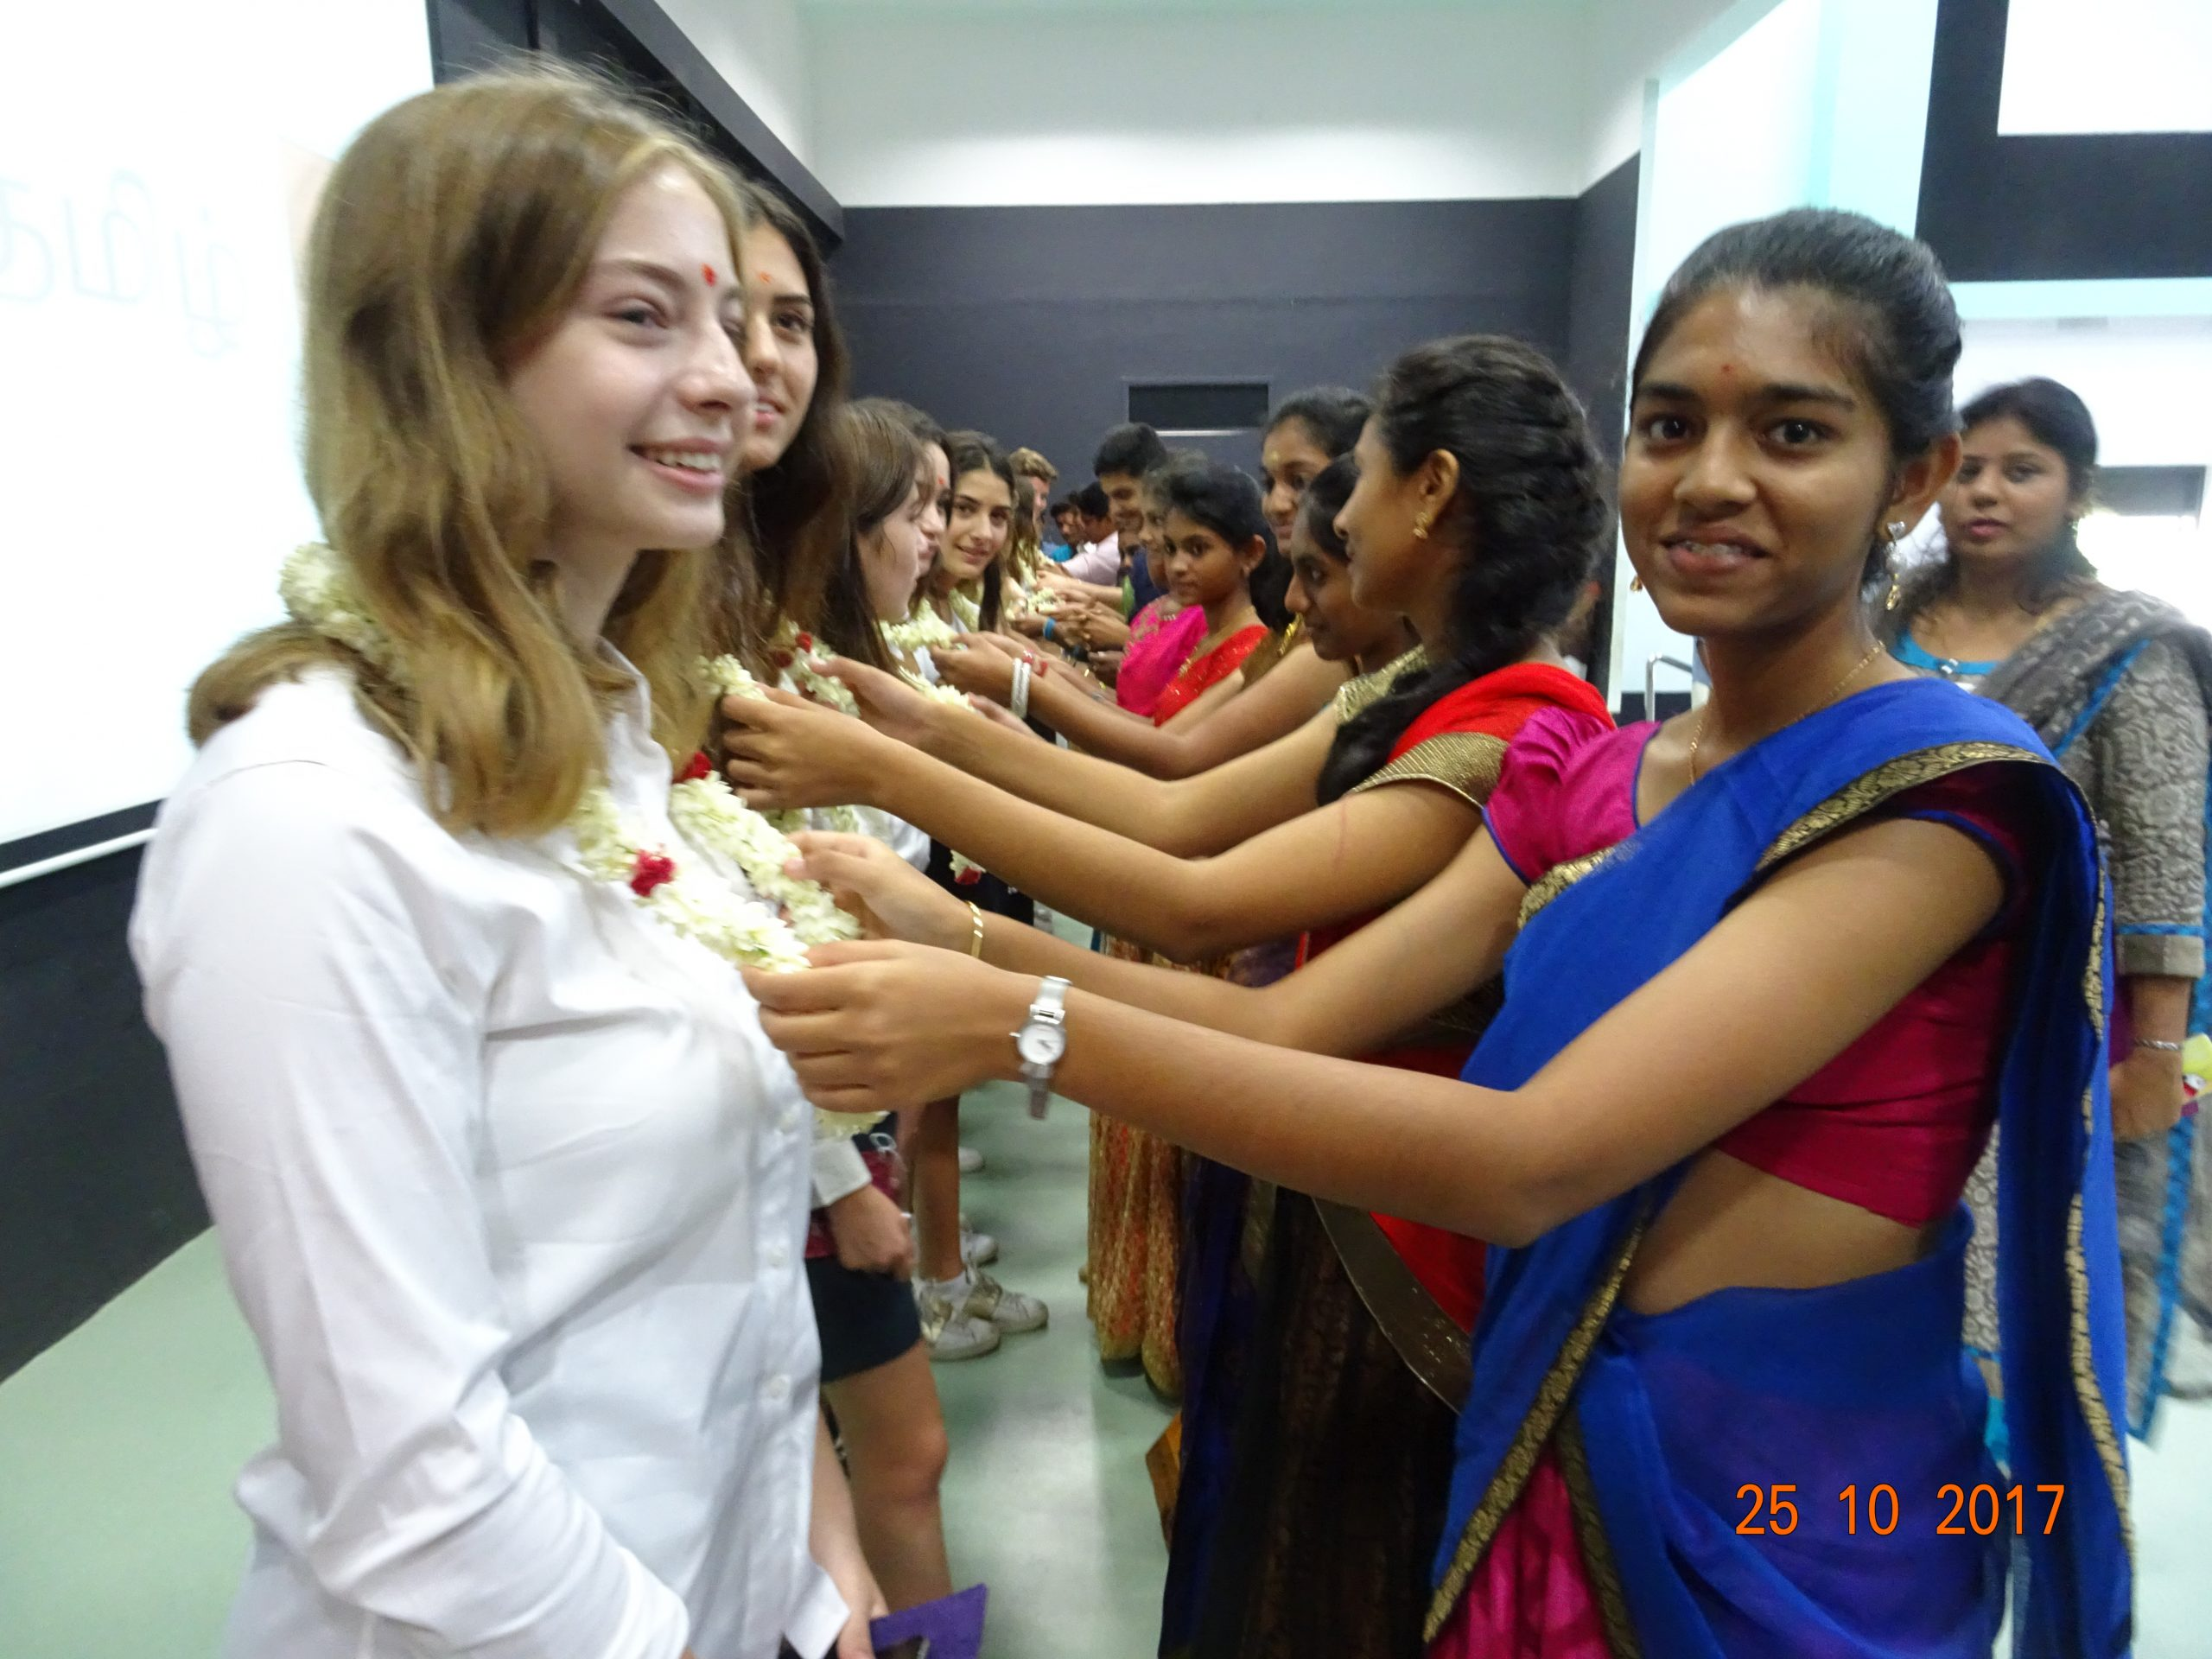 Co-Ed School | Top School in Coimbatore